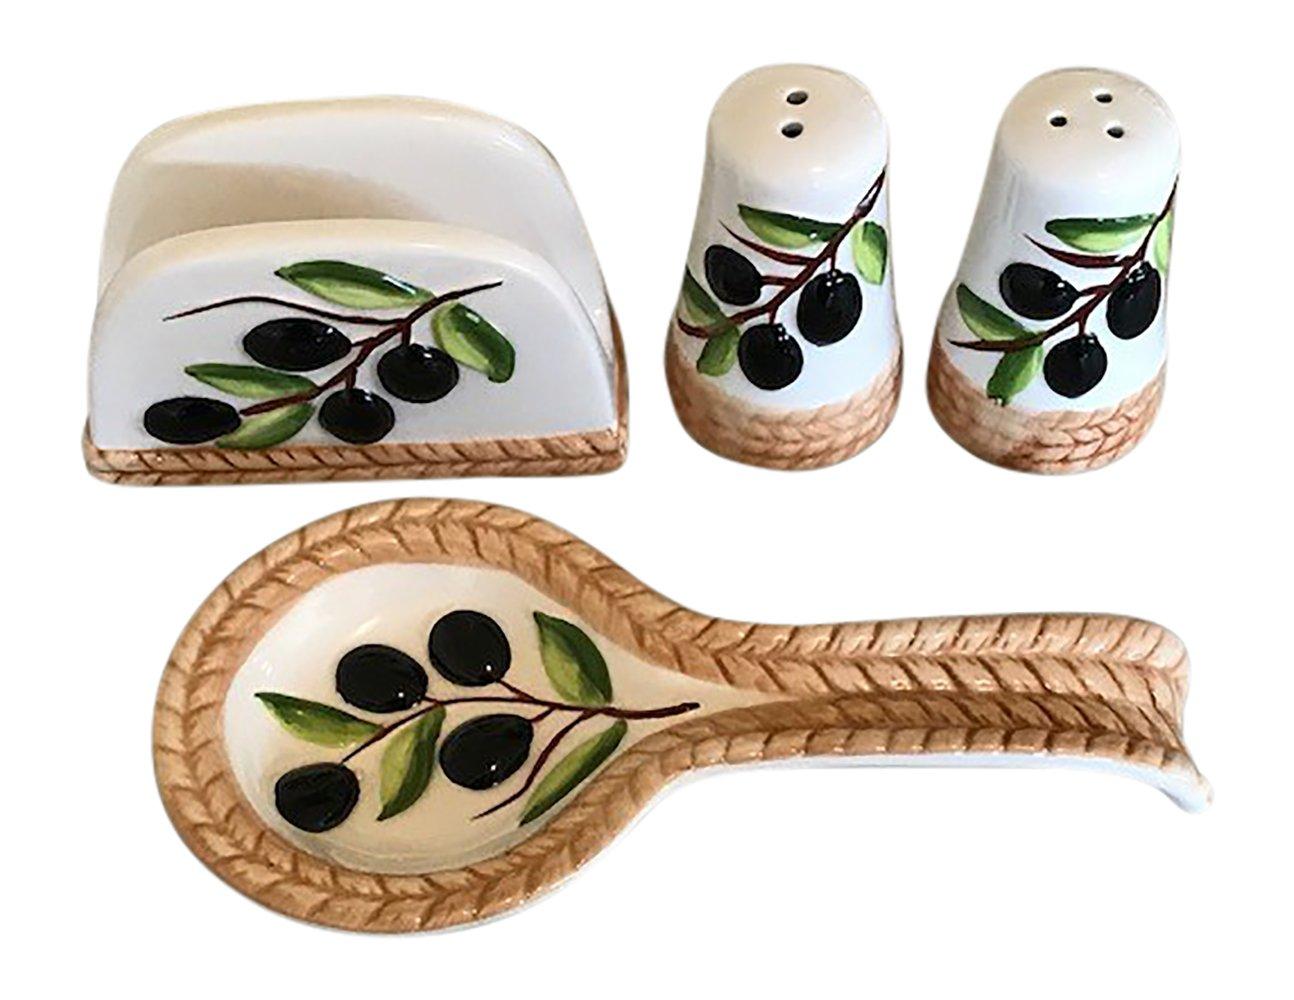 Tuscan Kitchen Decor Olive Tabletop Set, Salt and Pepper Shakers, Spoon Rest and Napkin Holder 3 Item Bundle